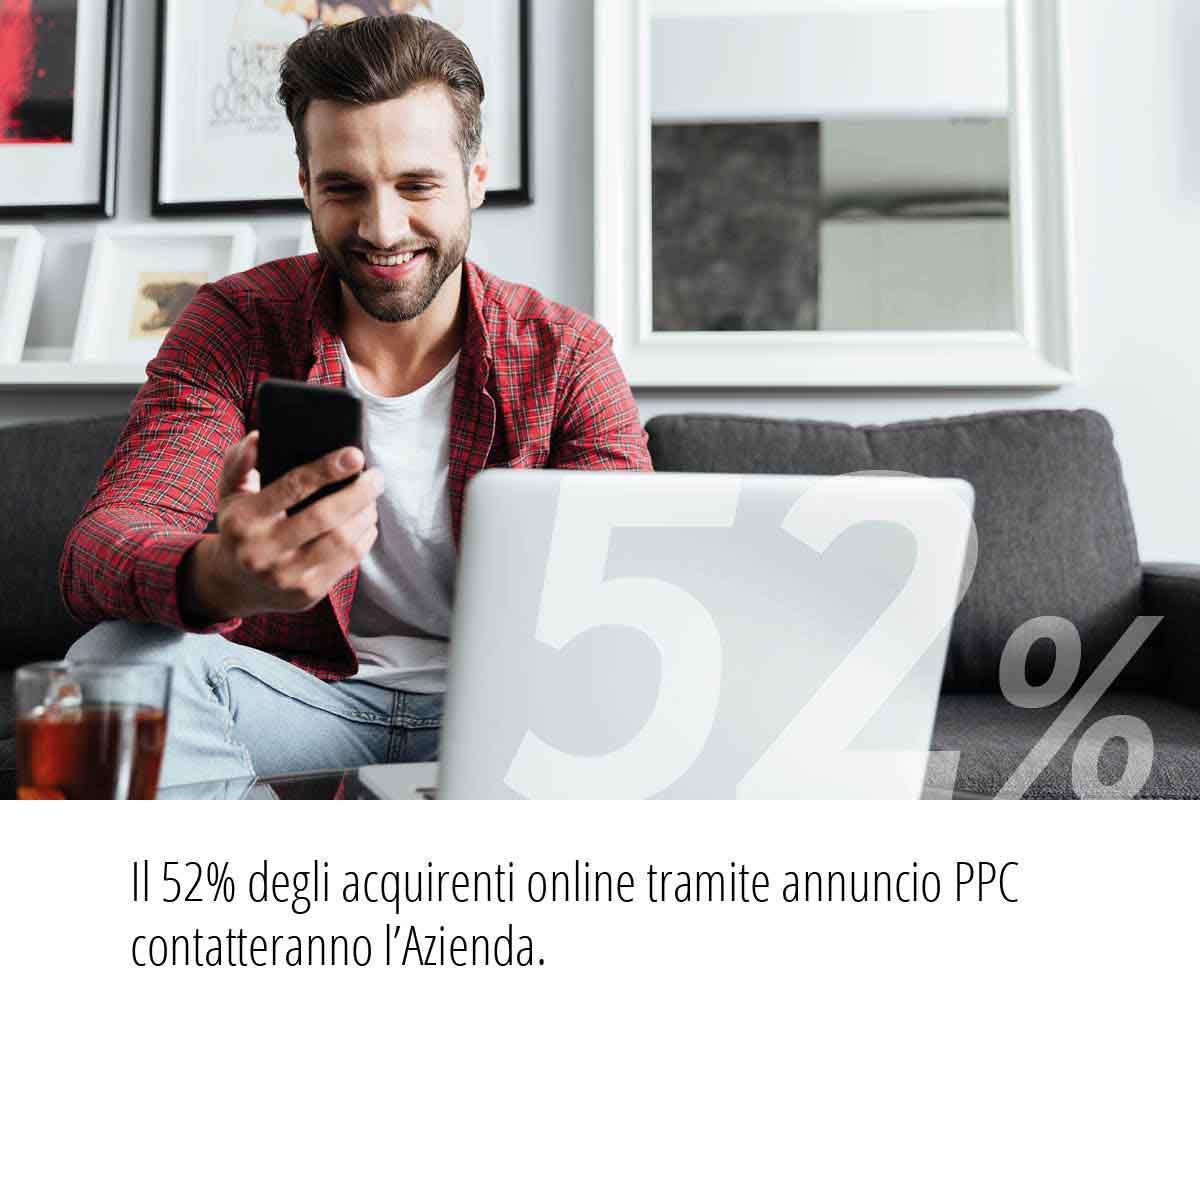 Statistica campagne PPC acquirenti online tramite annuncio PPC contatteranno l'Azienda.